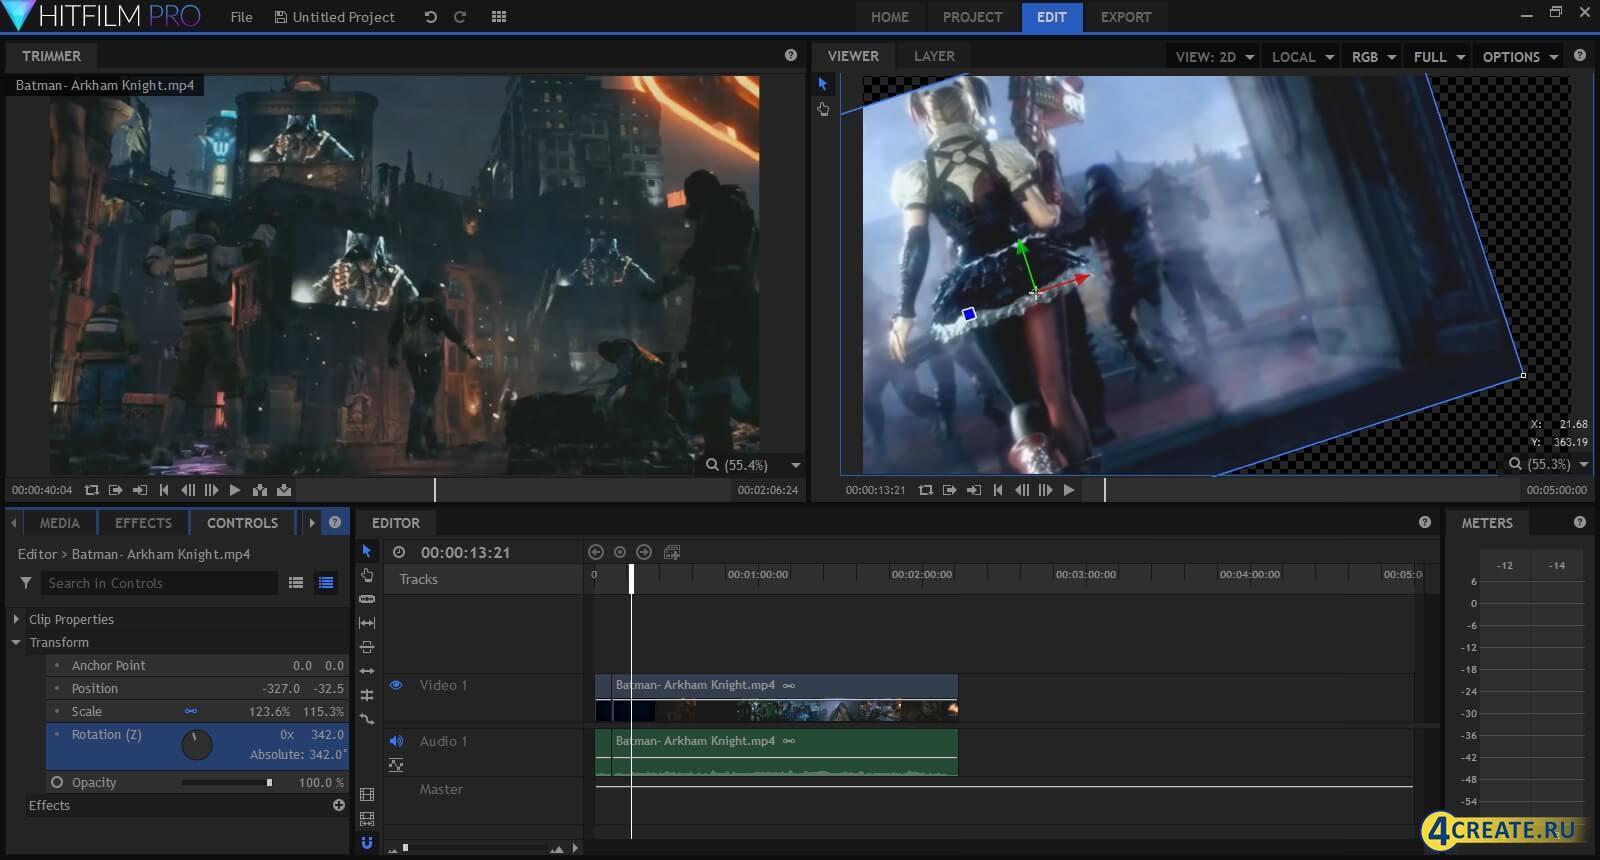 HitFilm Pro 5.0 (Скриншот 2)